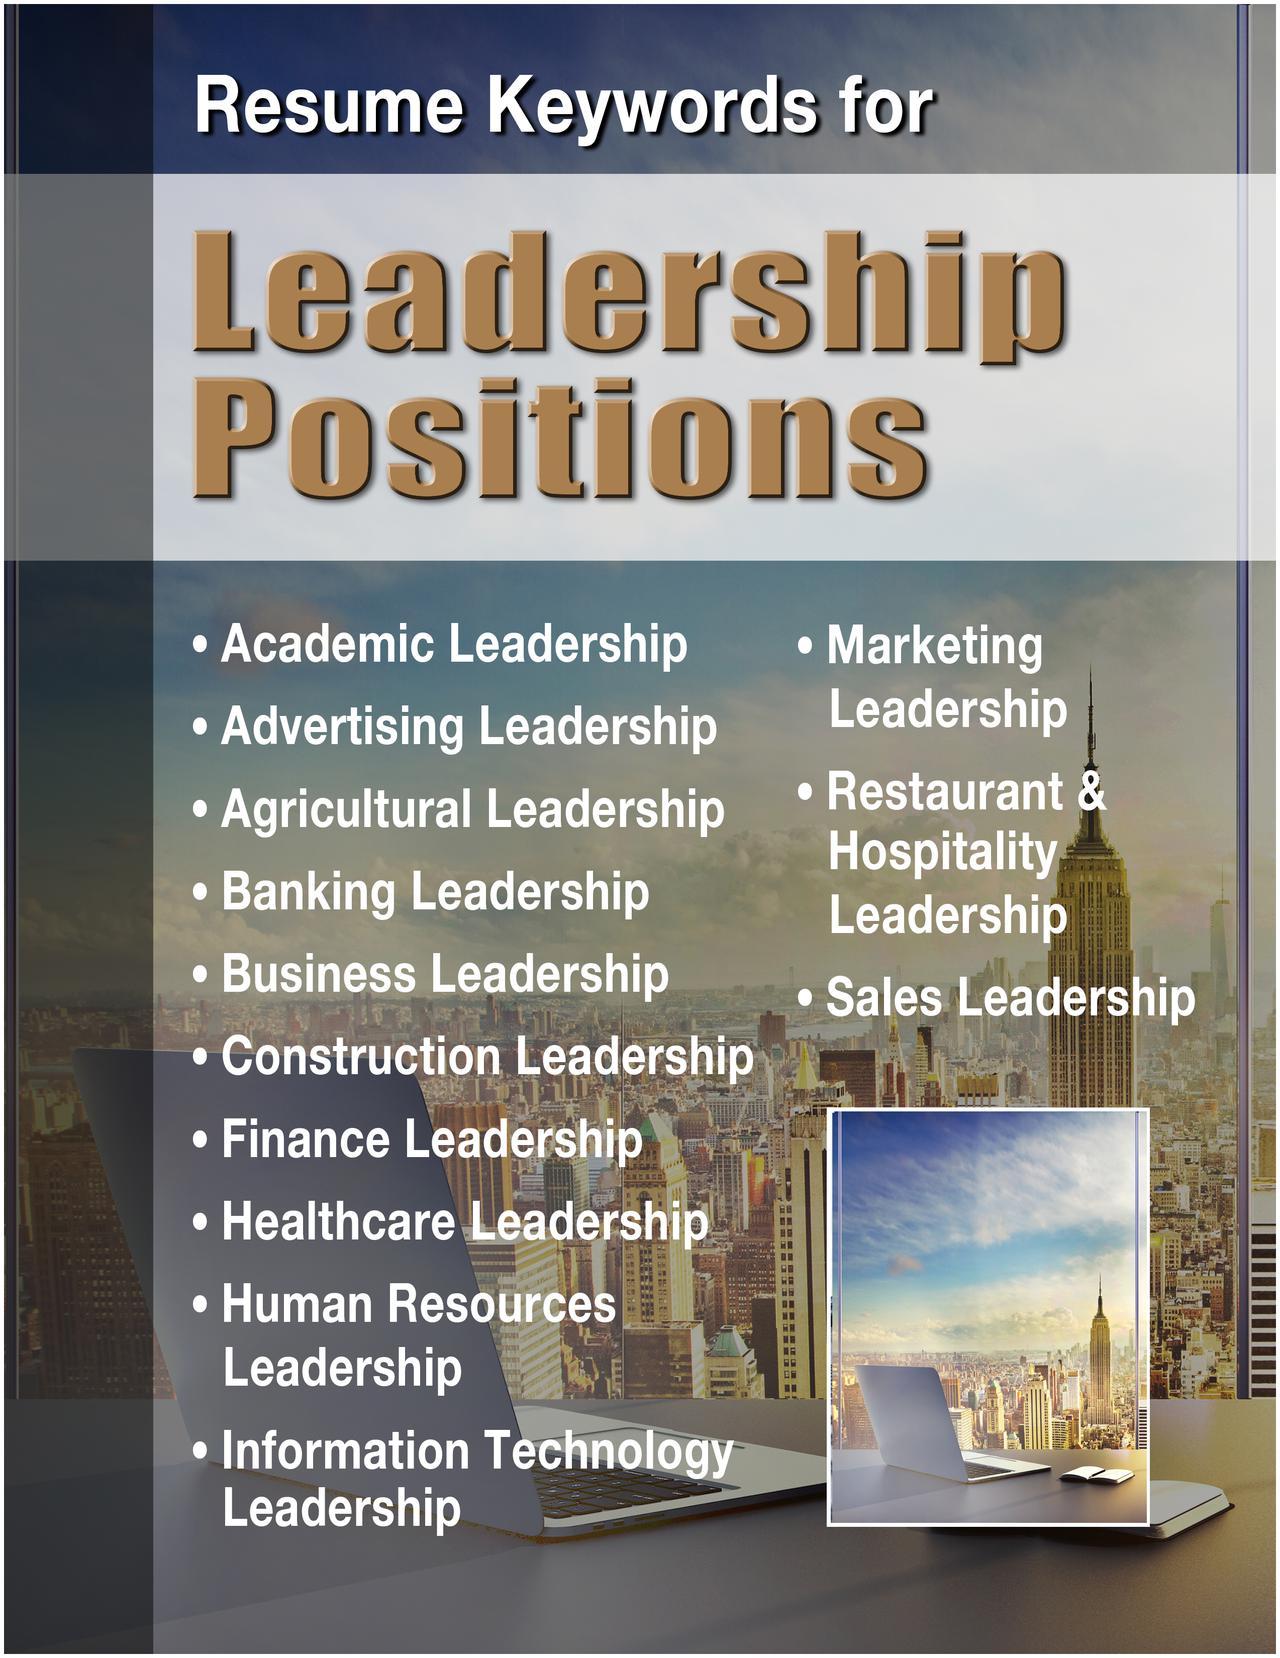 leadership positions divider.jpg